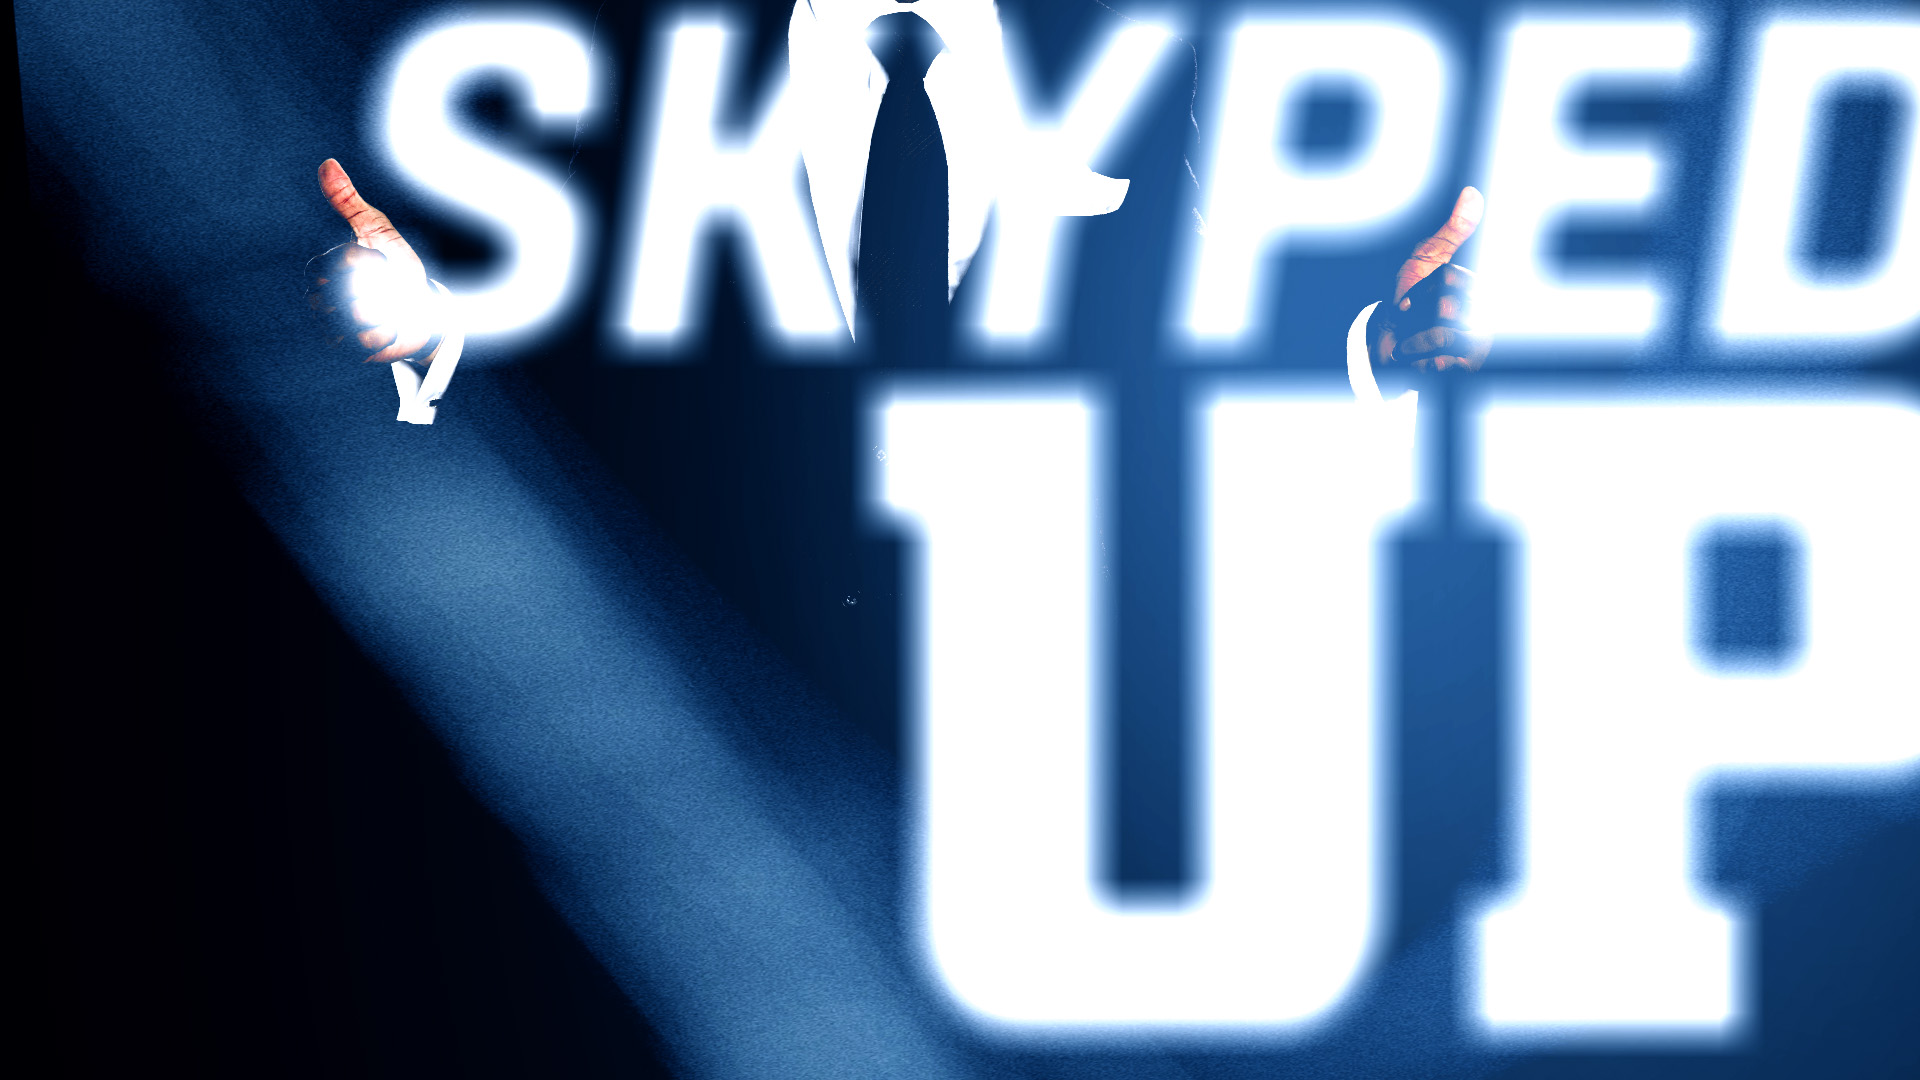 gh-lk-NLF_GDP-Seg-SkypedUp-002.jpg